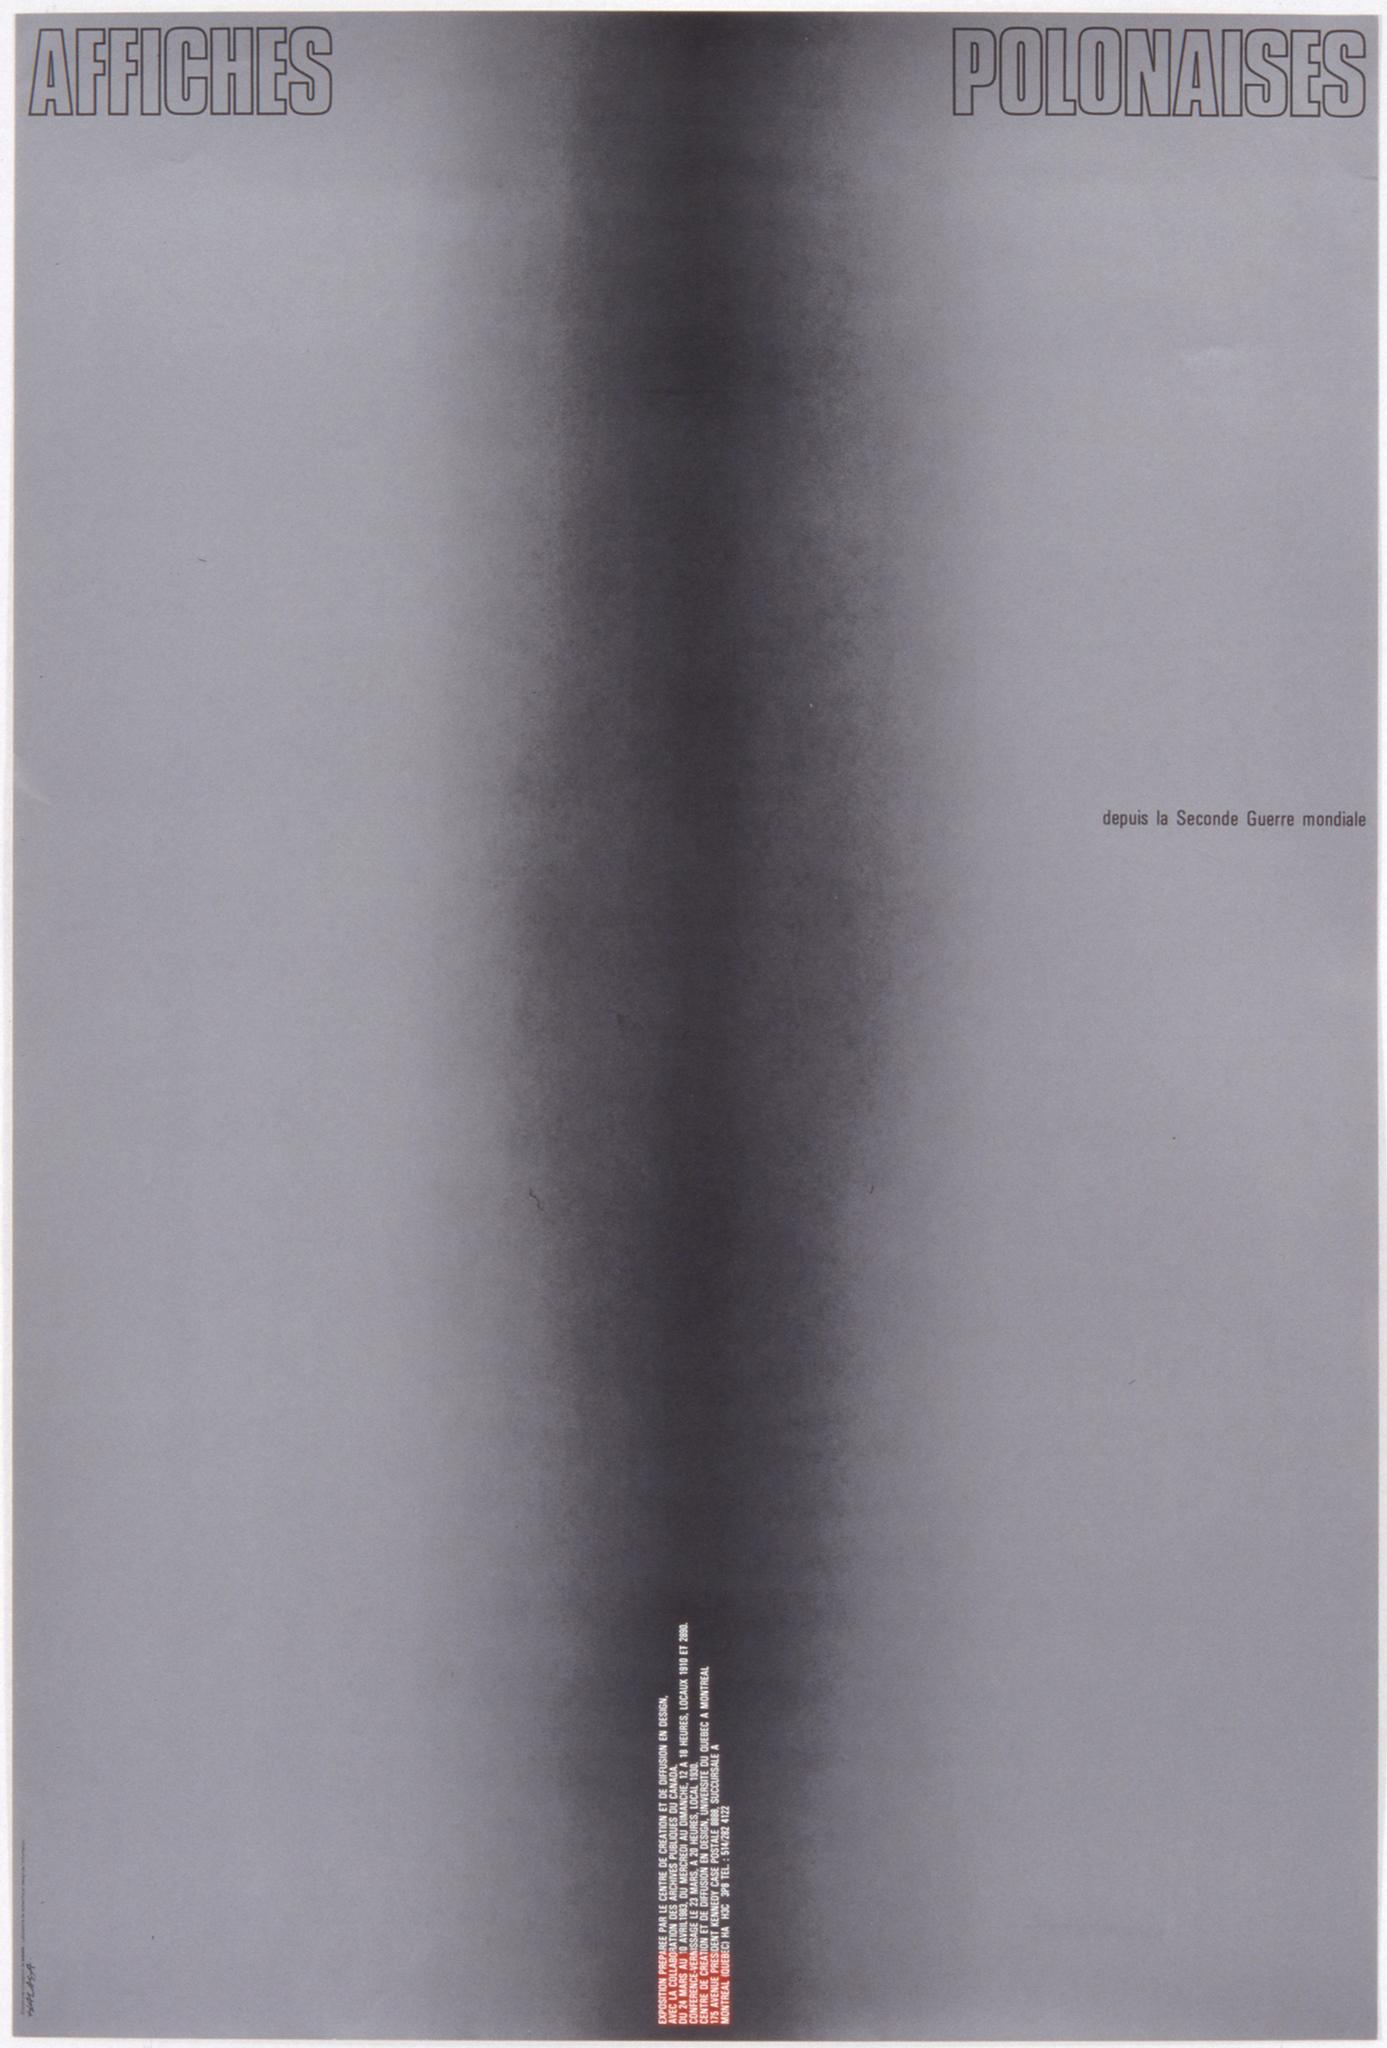 1983 - Exposition - Affiches polonaises depuis la Seconde Guerre mondiale ©Alfred Halasa